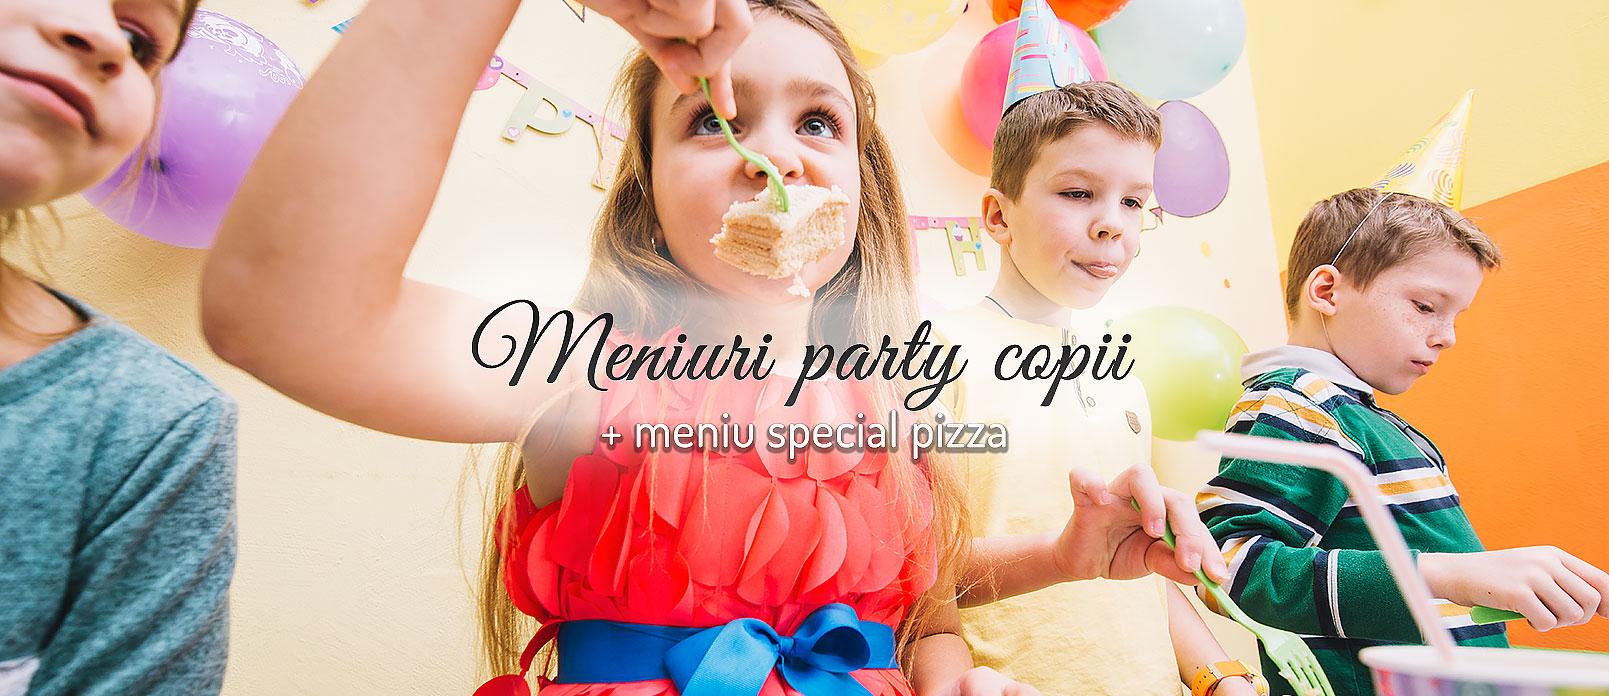 slide-6-meniuri-party-copii